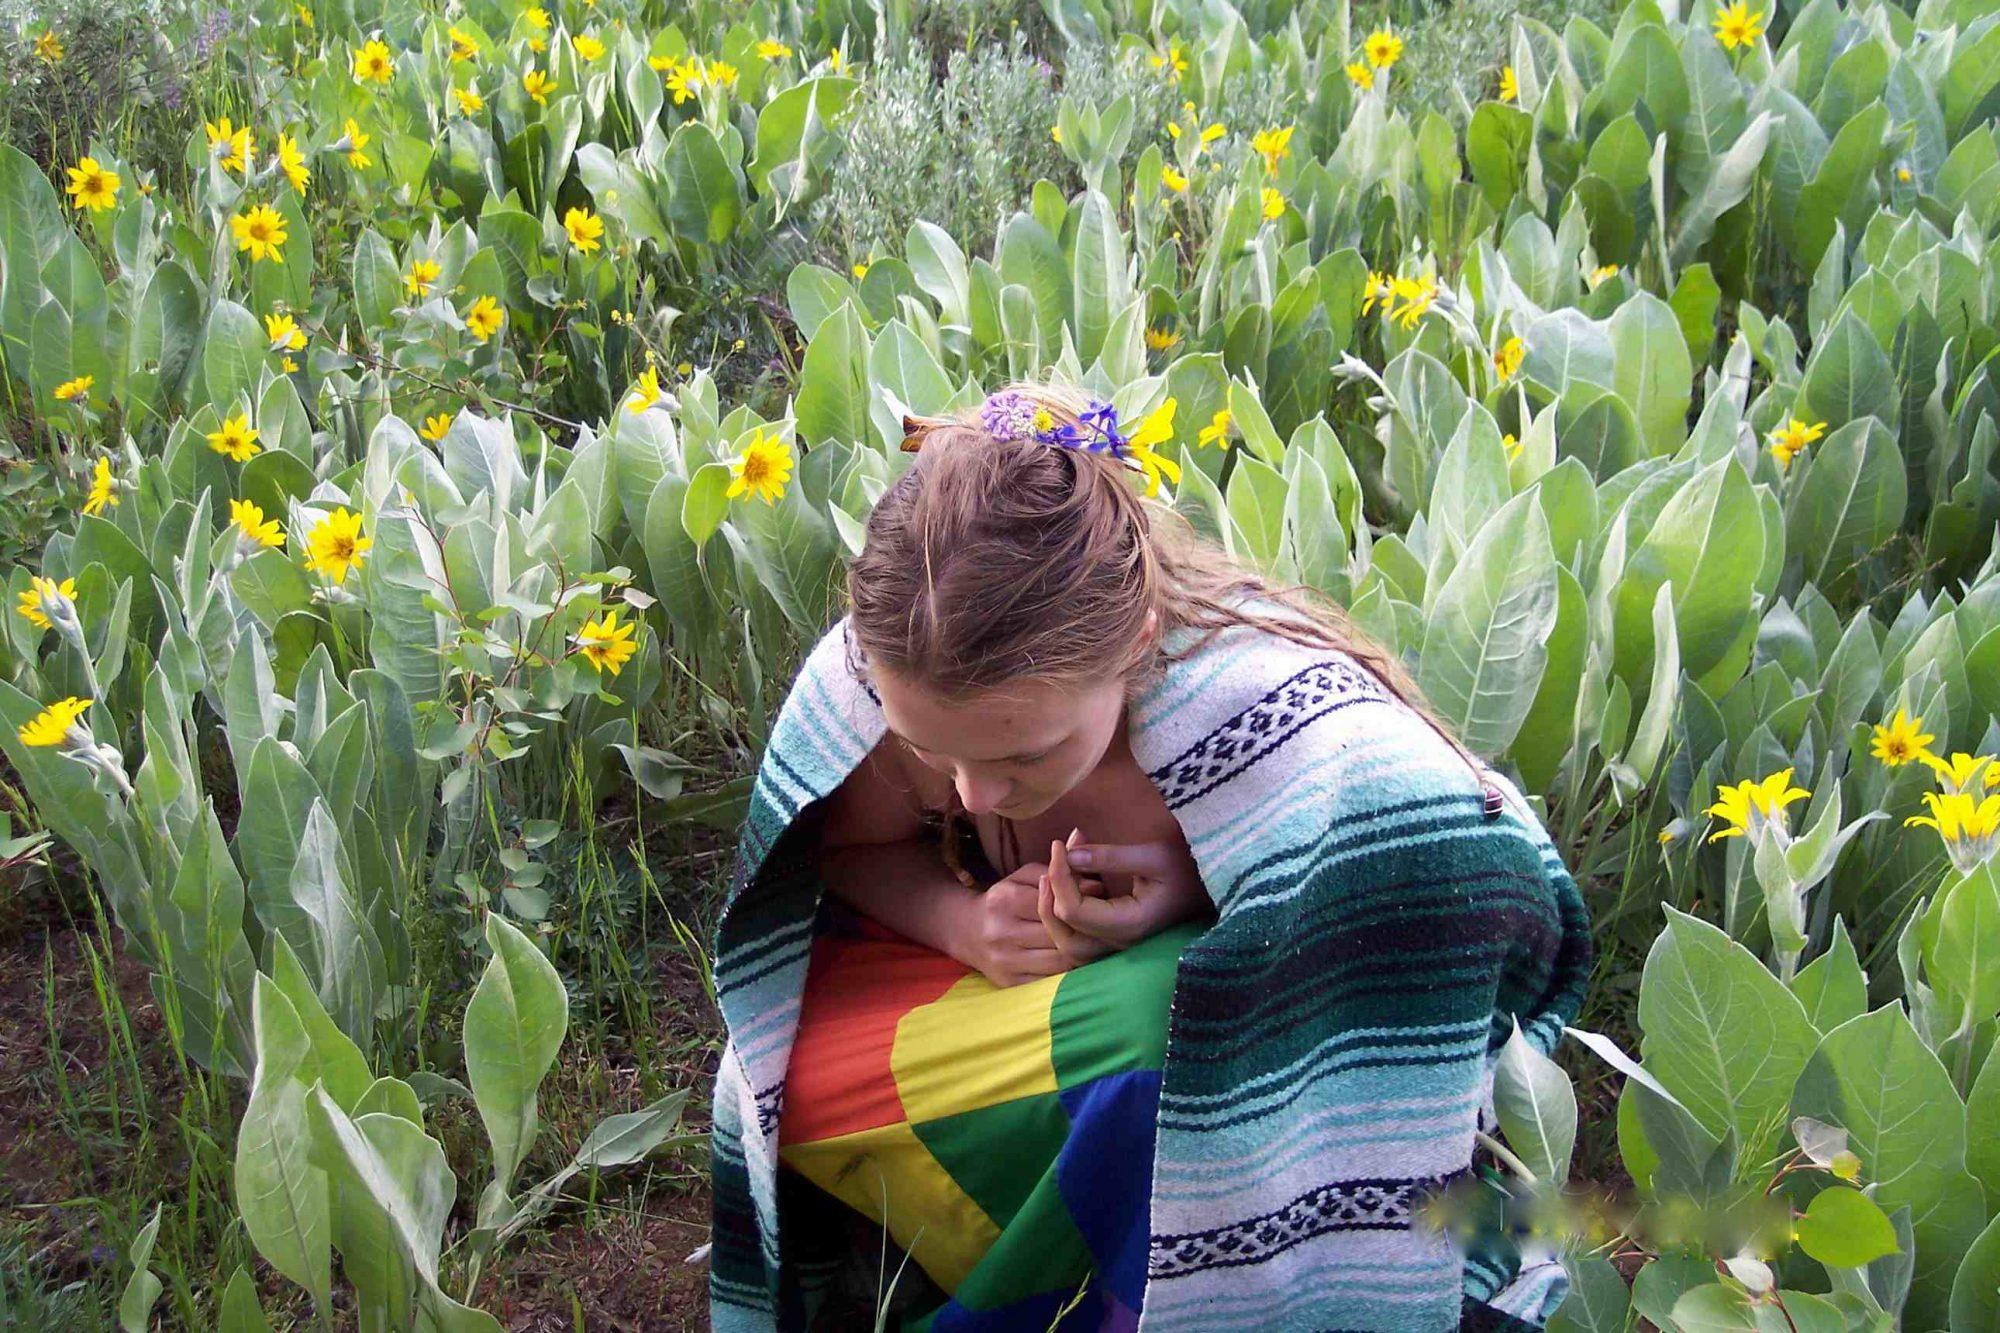 A faery woman praying in the daffodils.